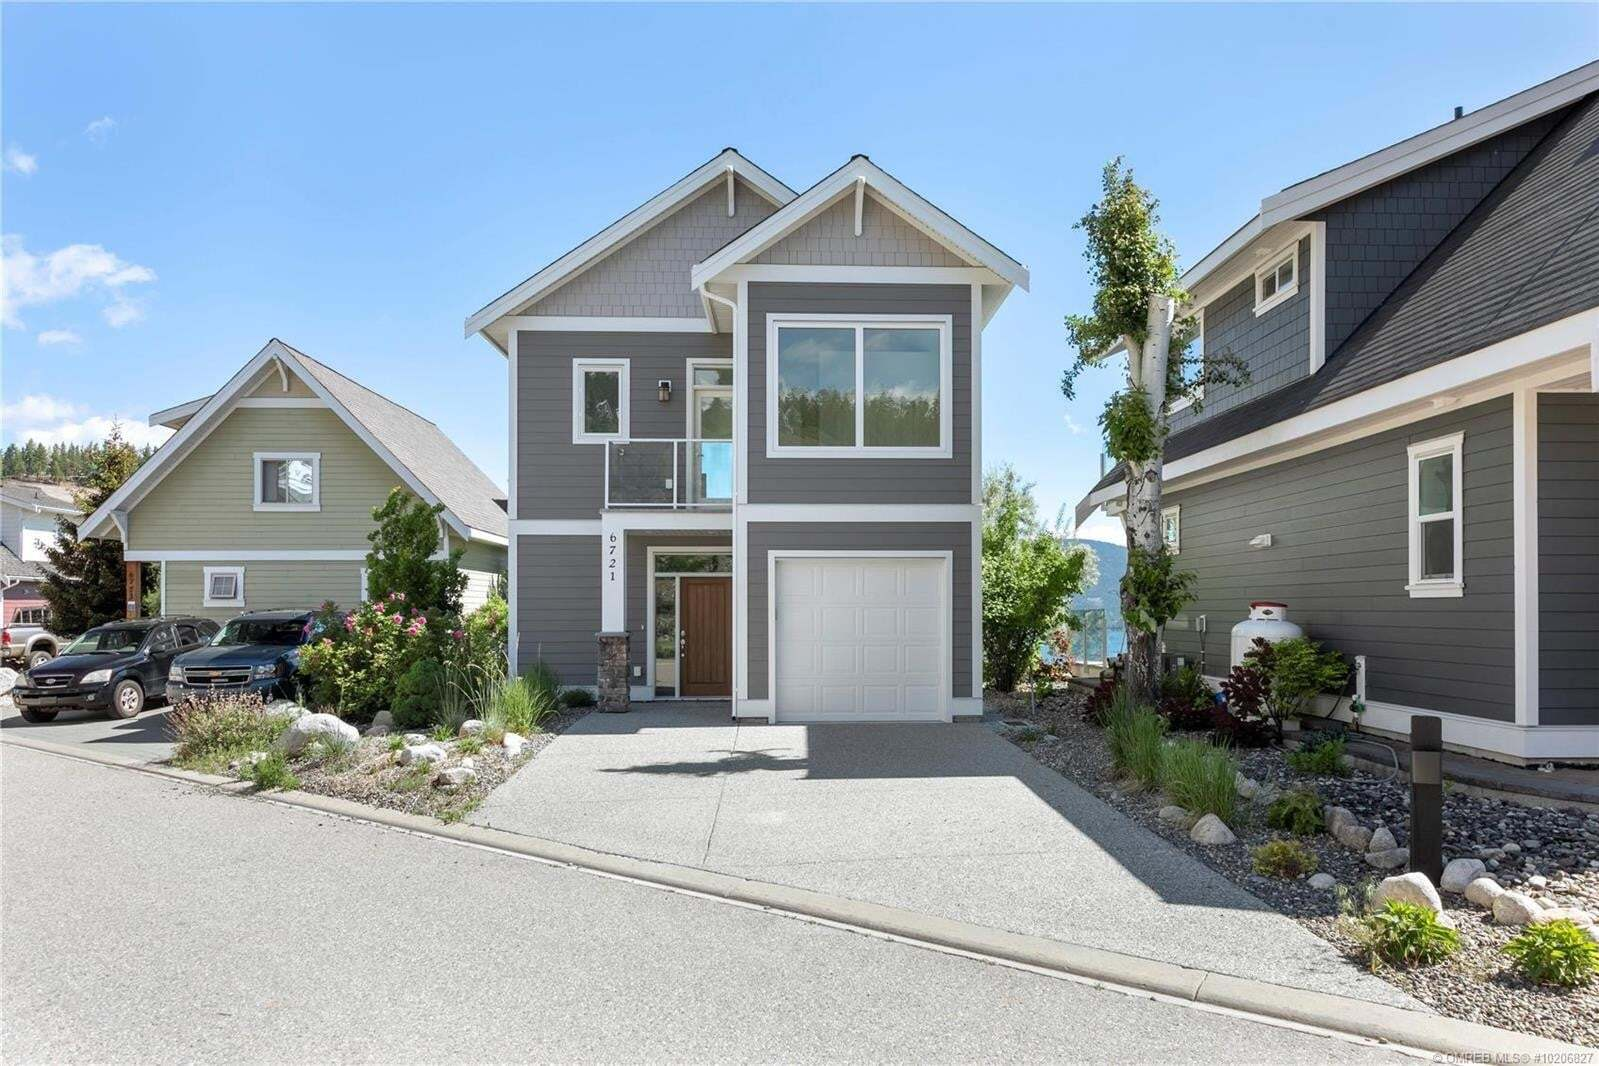 House for sale at 6721 La Palma Lp Kelowna British Columbia - MLS: 10206827